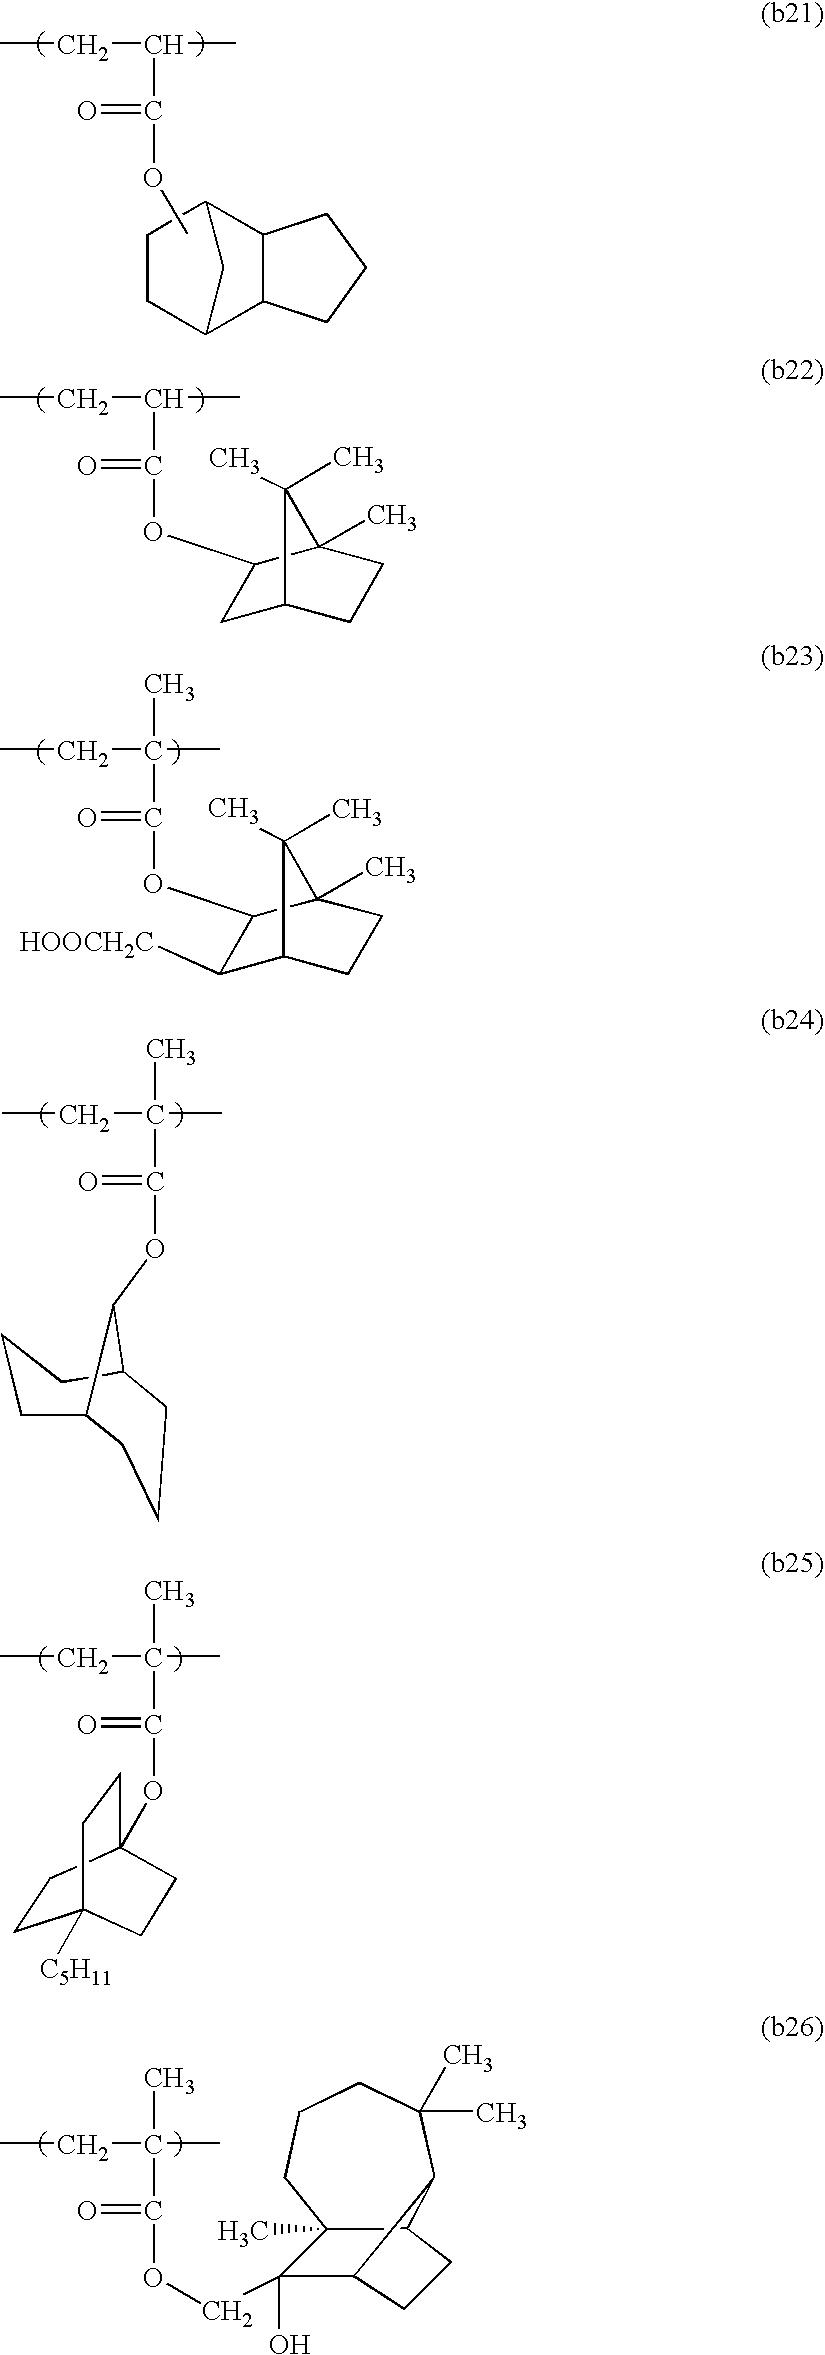 Figure US20070003871A1-20070104-C00068